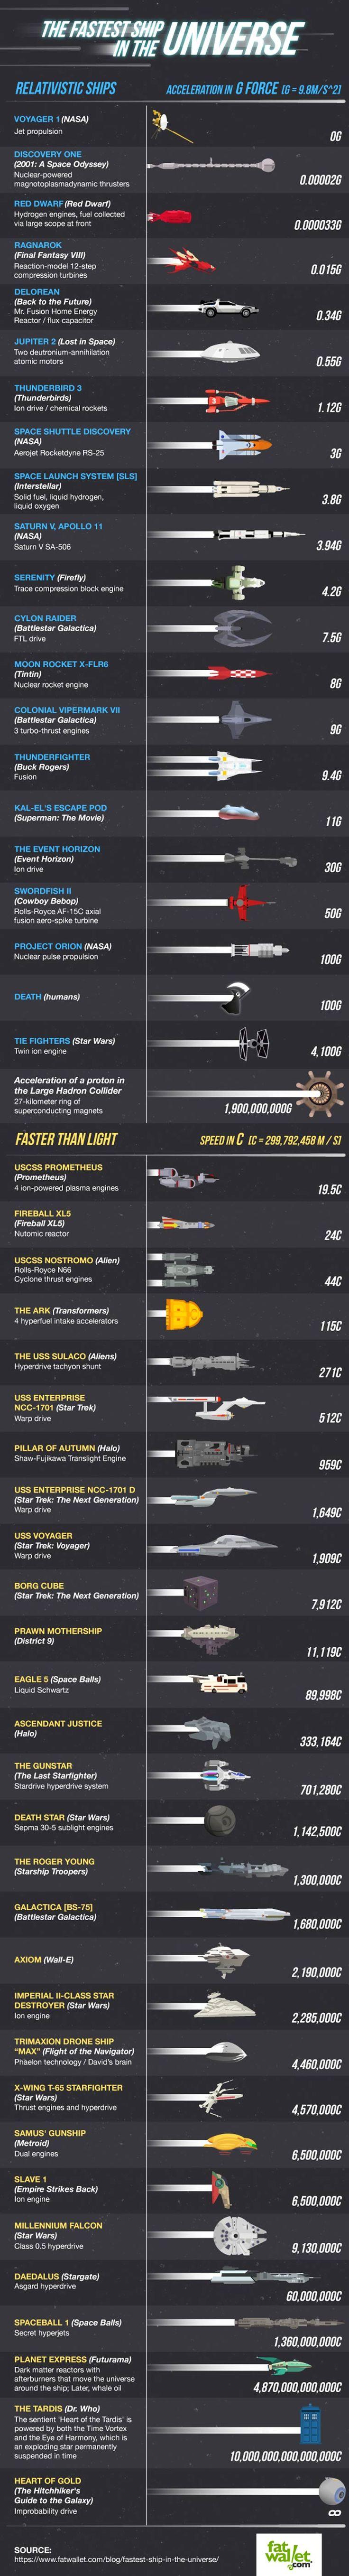 vitesse-vaisseaux-spatiaux                                                                                                                                                                                 Plus